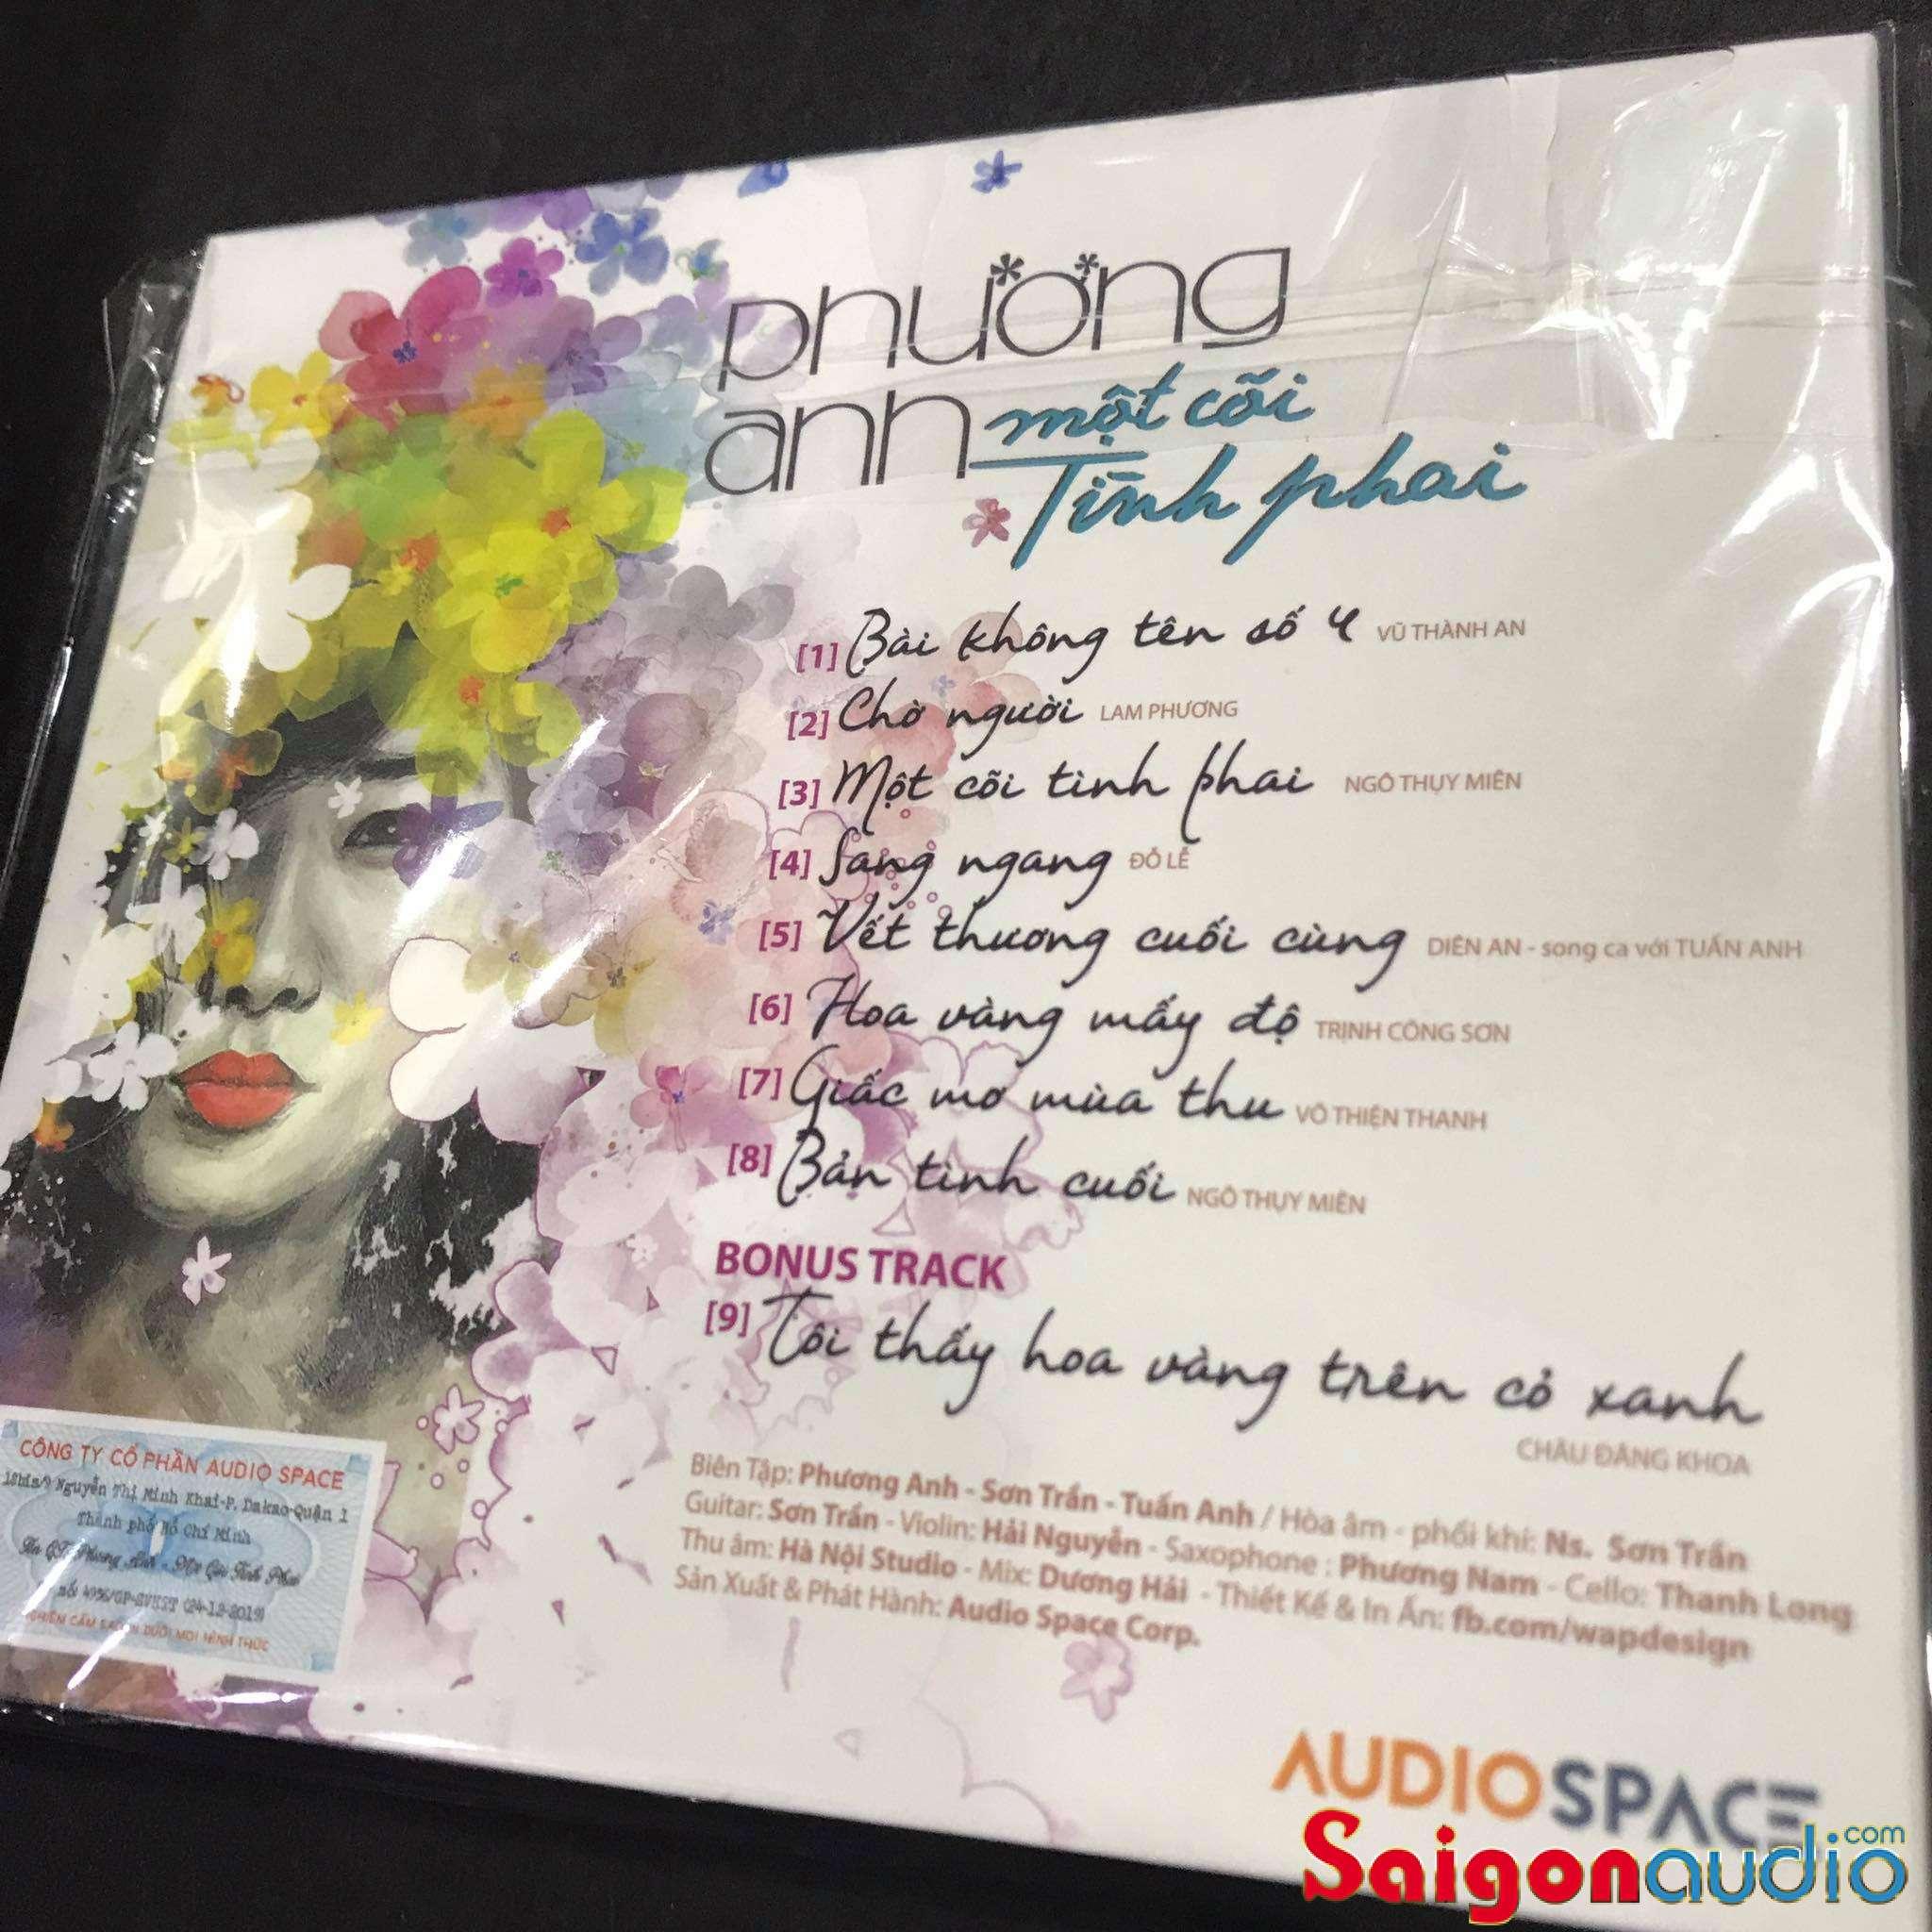 Đĩa CD gốc Một Cõi Tình Phai - Phương Anh (Free ship khi mua 2 đĩa CD cùng hoặc khác loại)